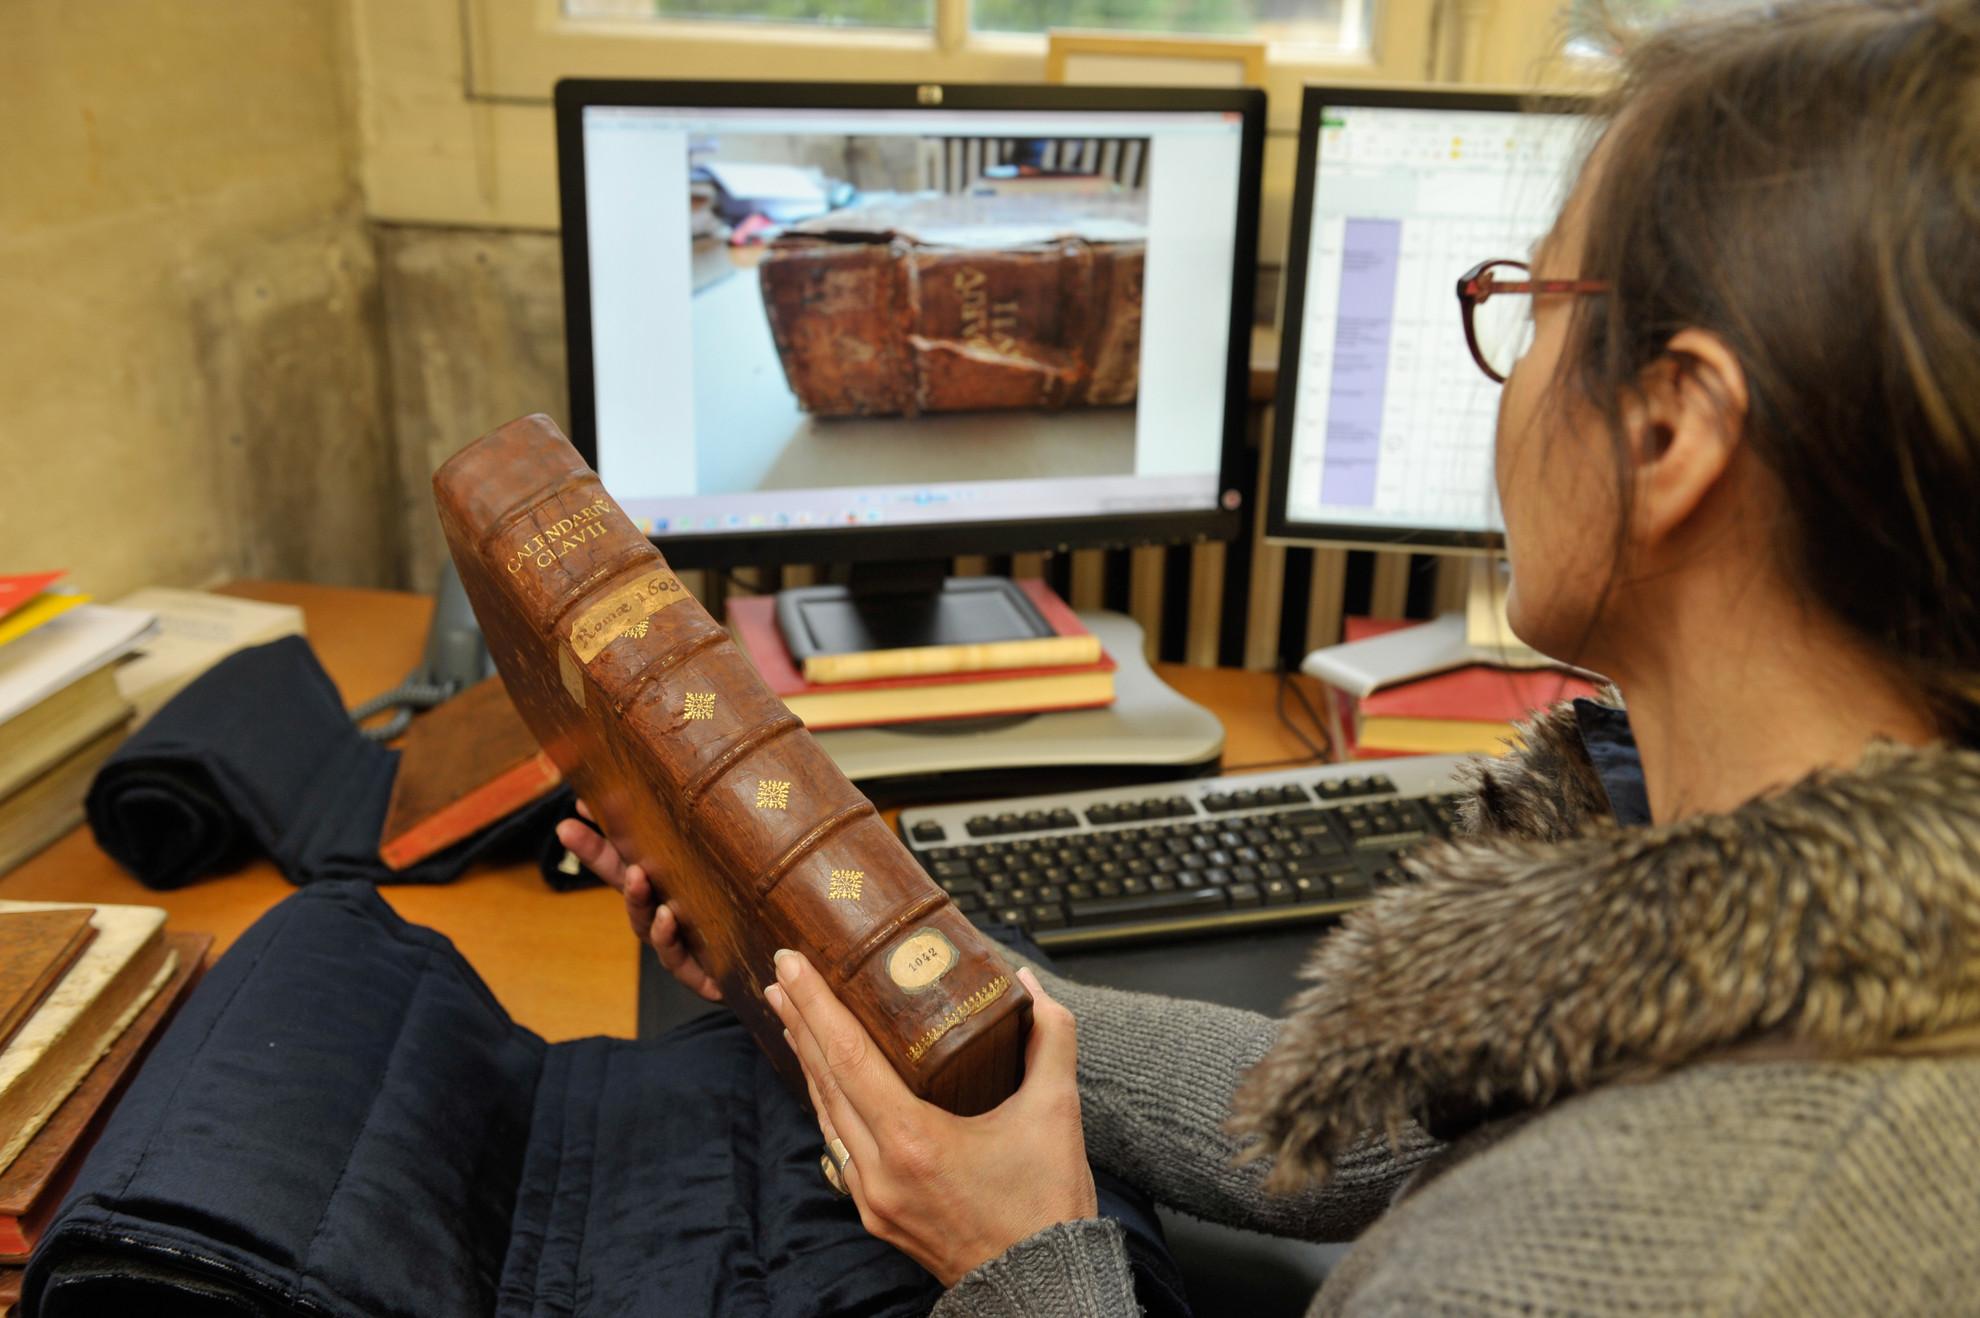 Examen d'un ouvrage ancien - Droits : Gil Lefauconnier